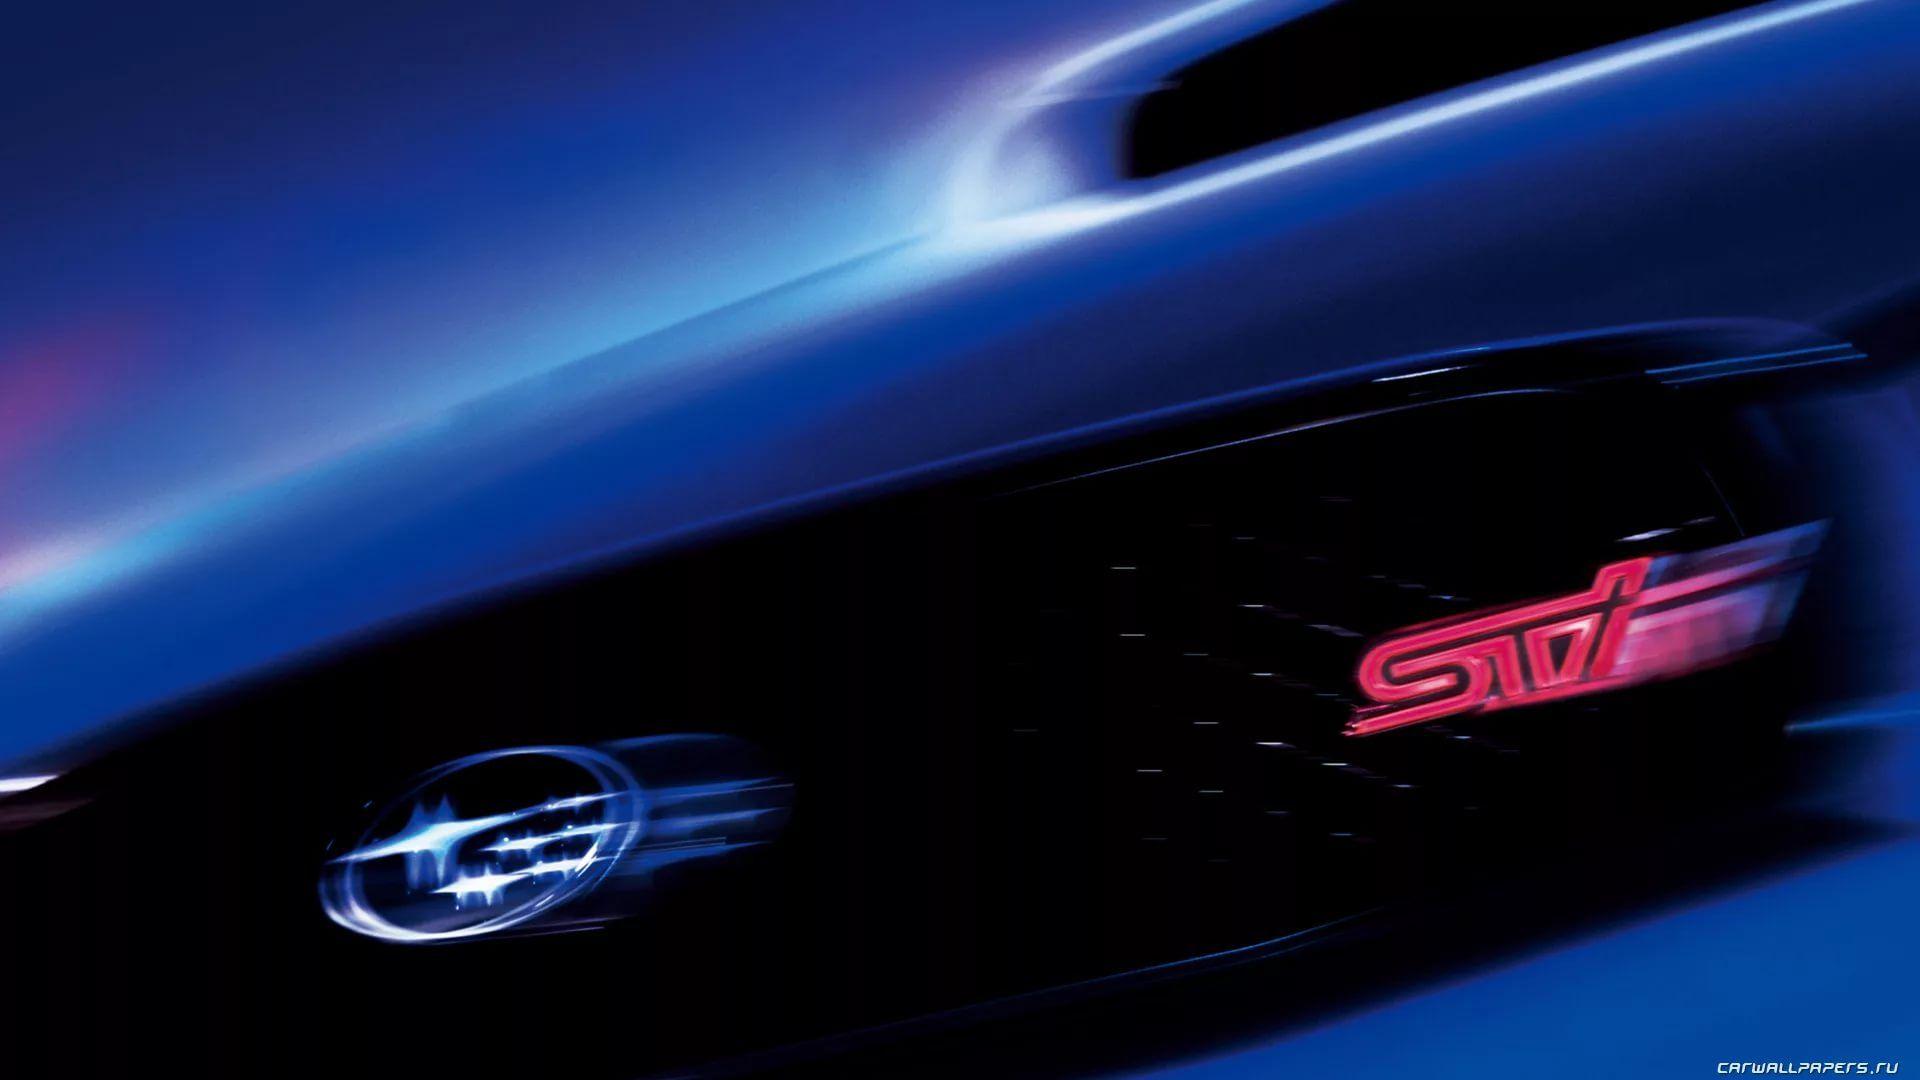 Sti Logo wallpaper